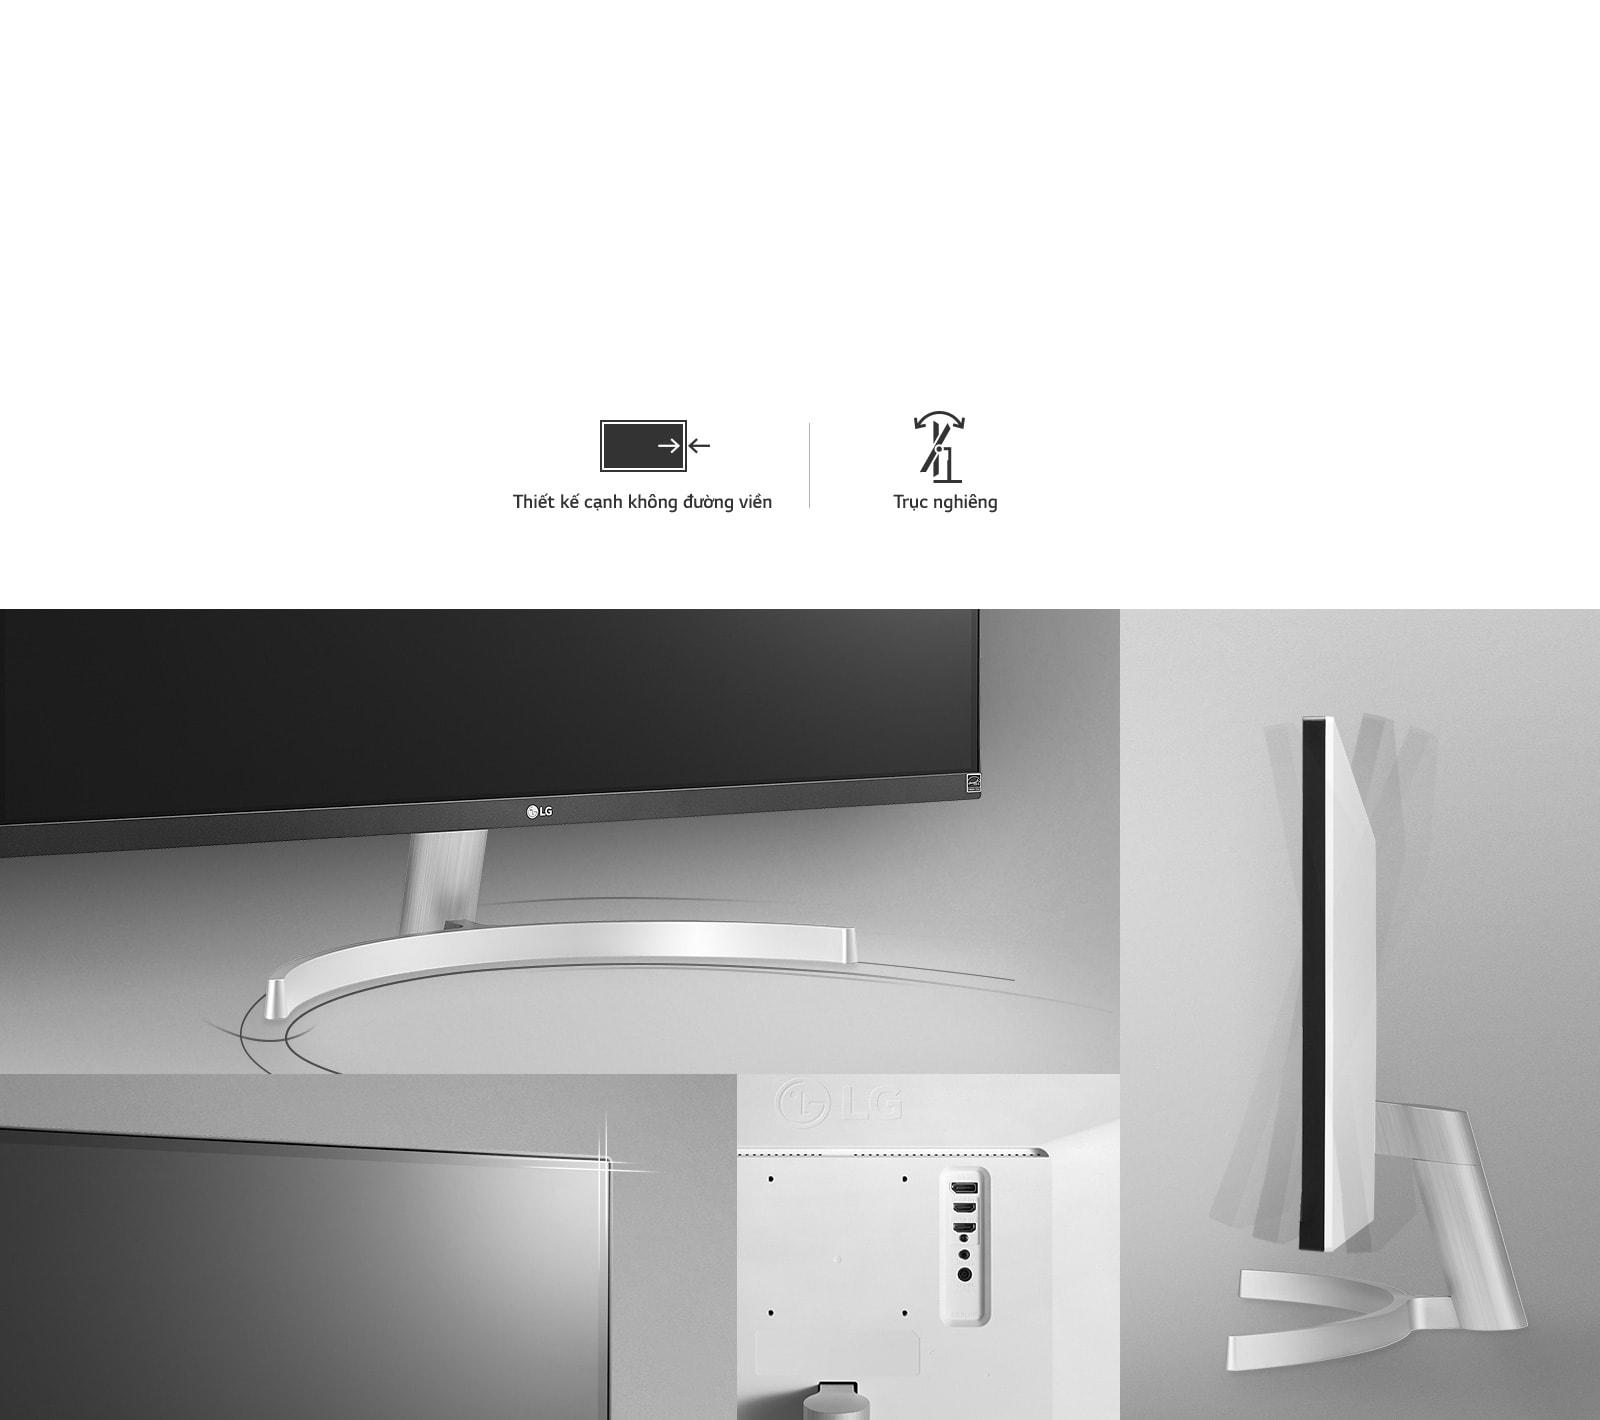 Thiết kế tiện lợi với cạnh không đường viền và trục nghiêng.